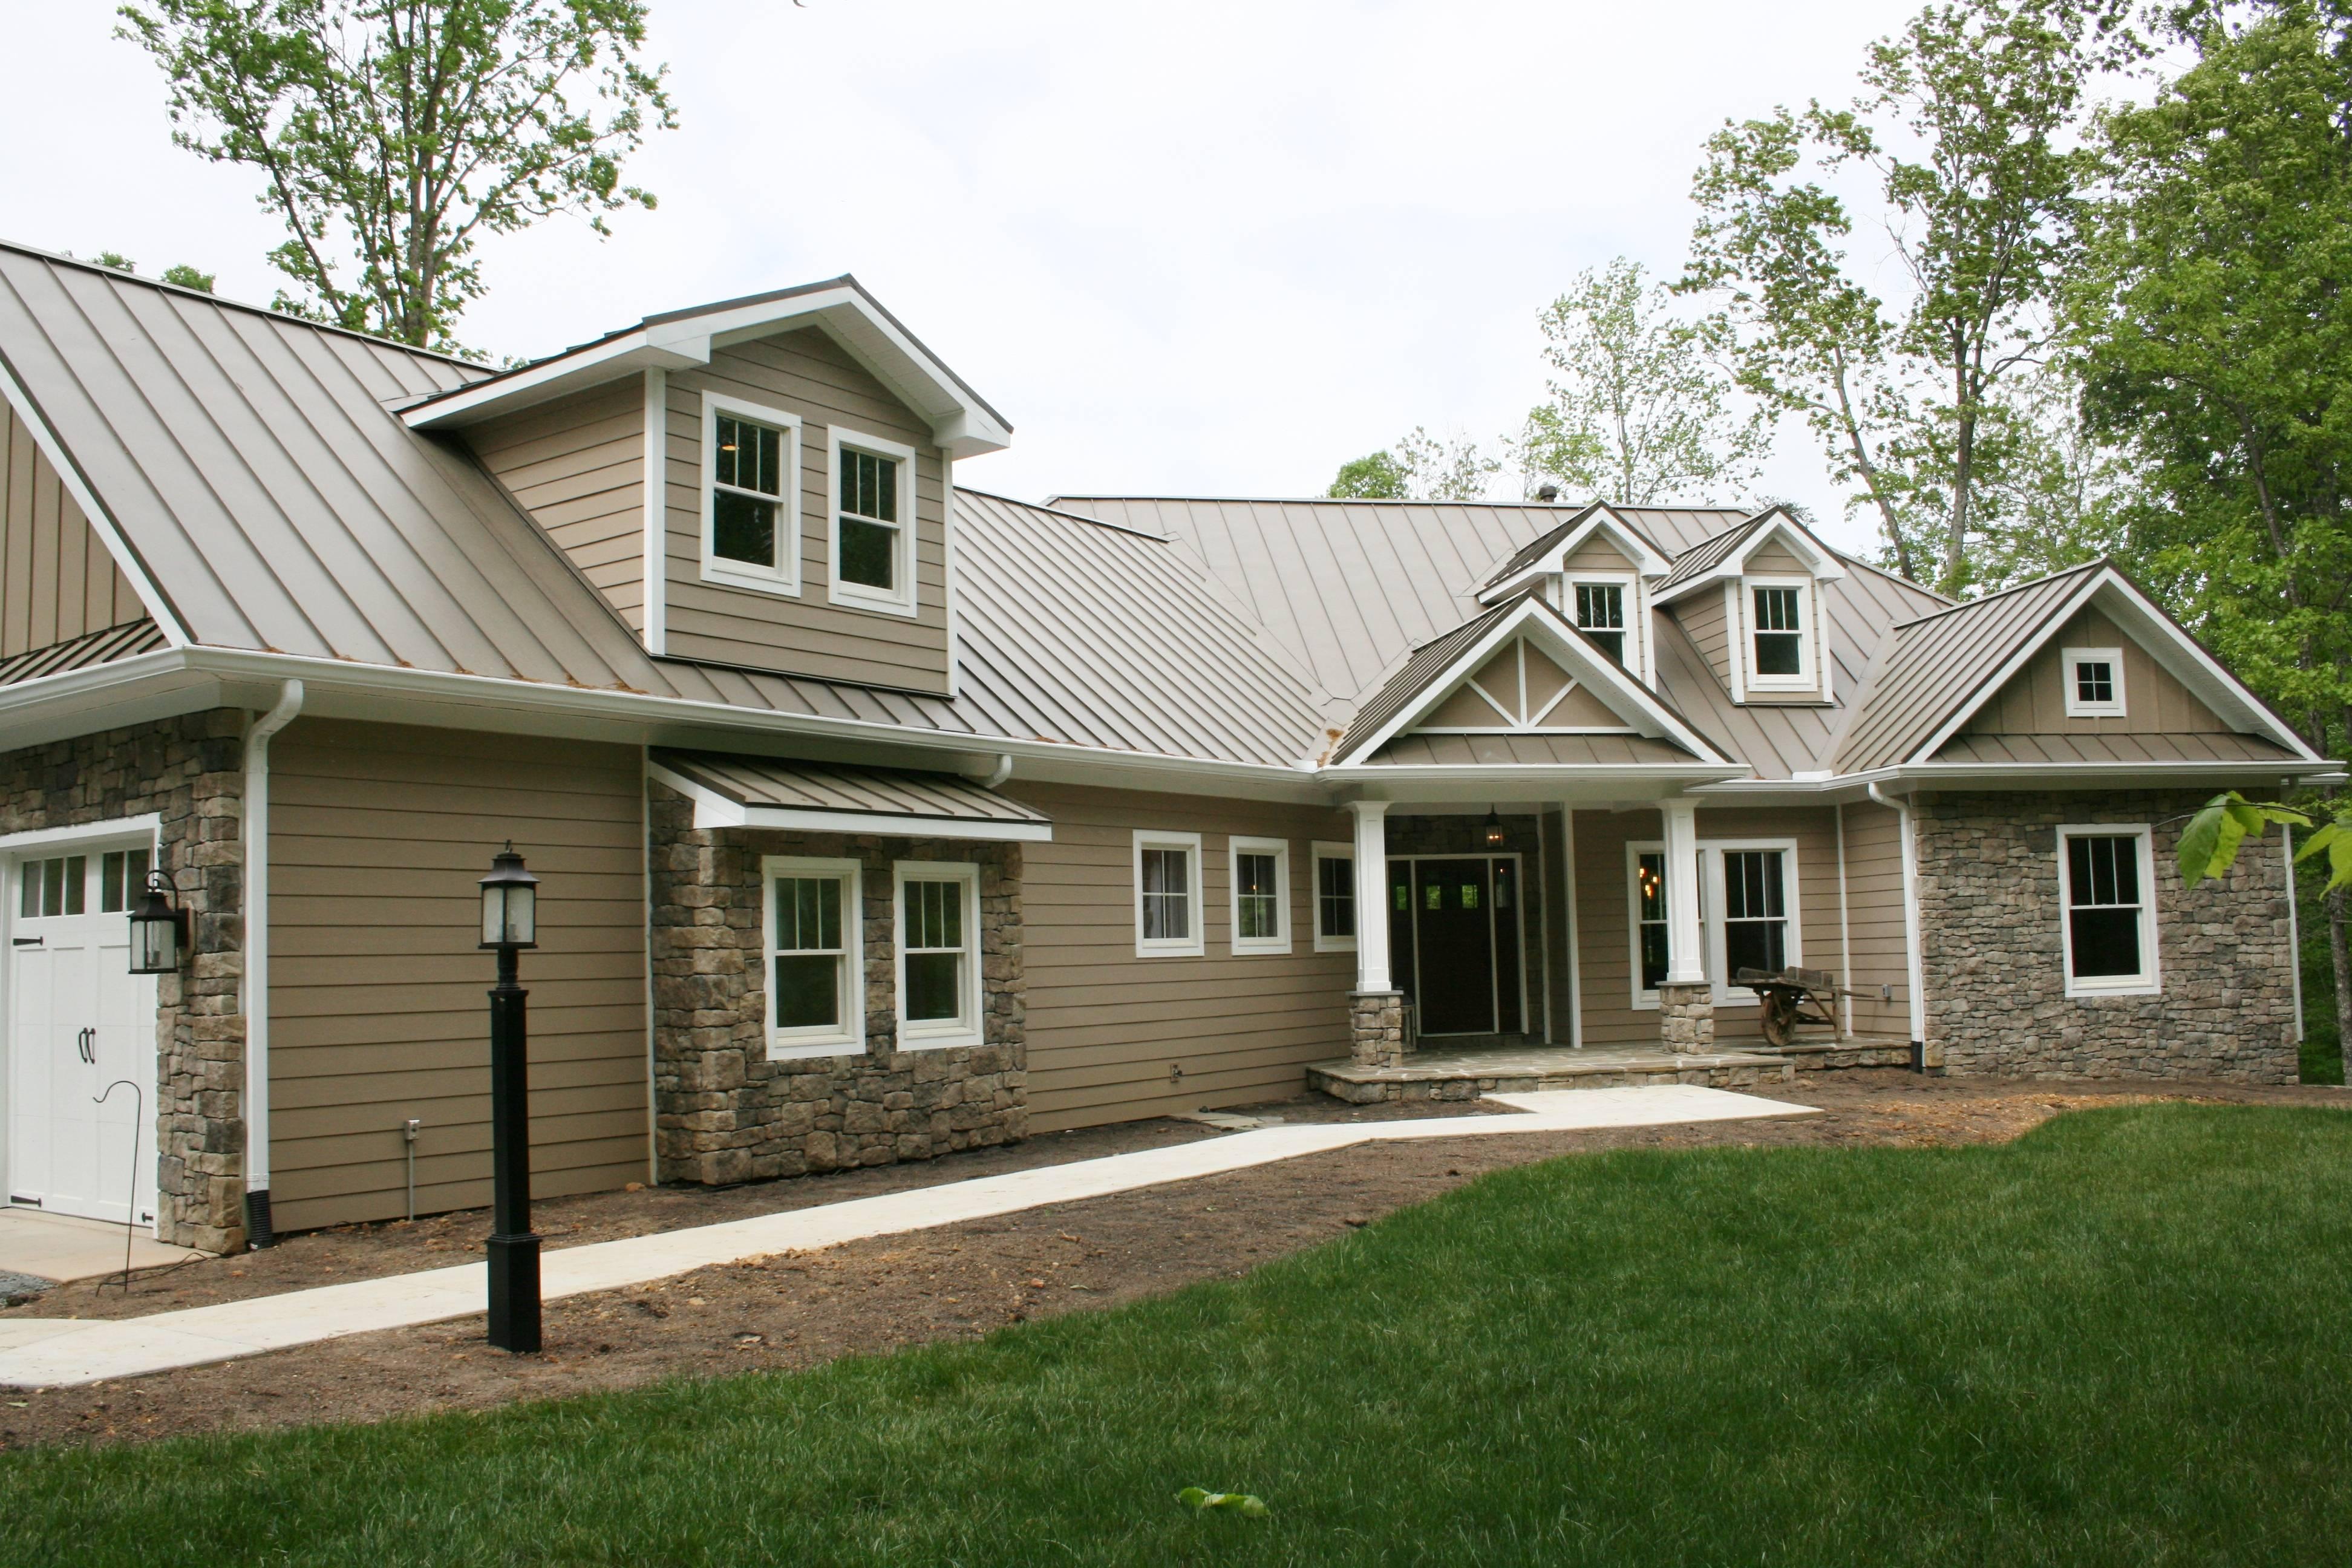 HardiPlank siding, metal roof, stone veneer